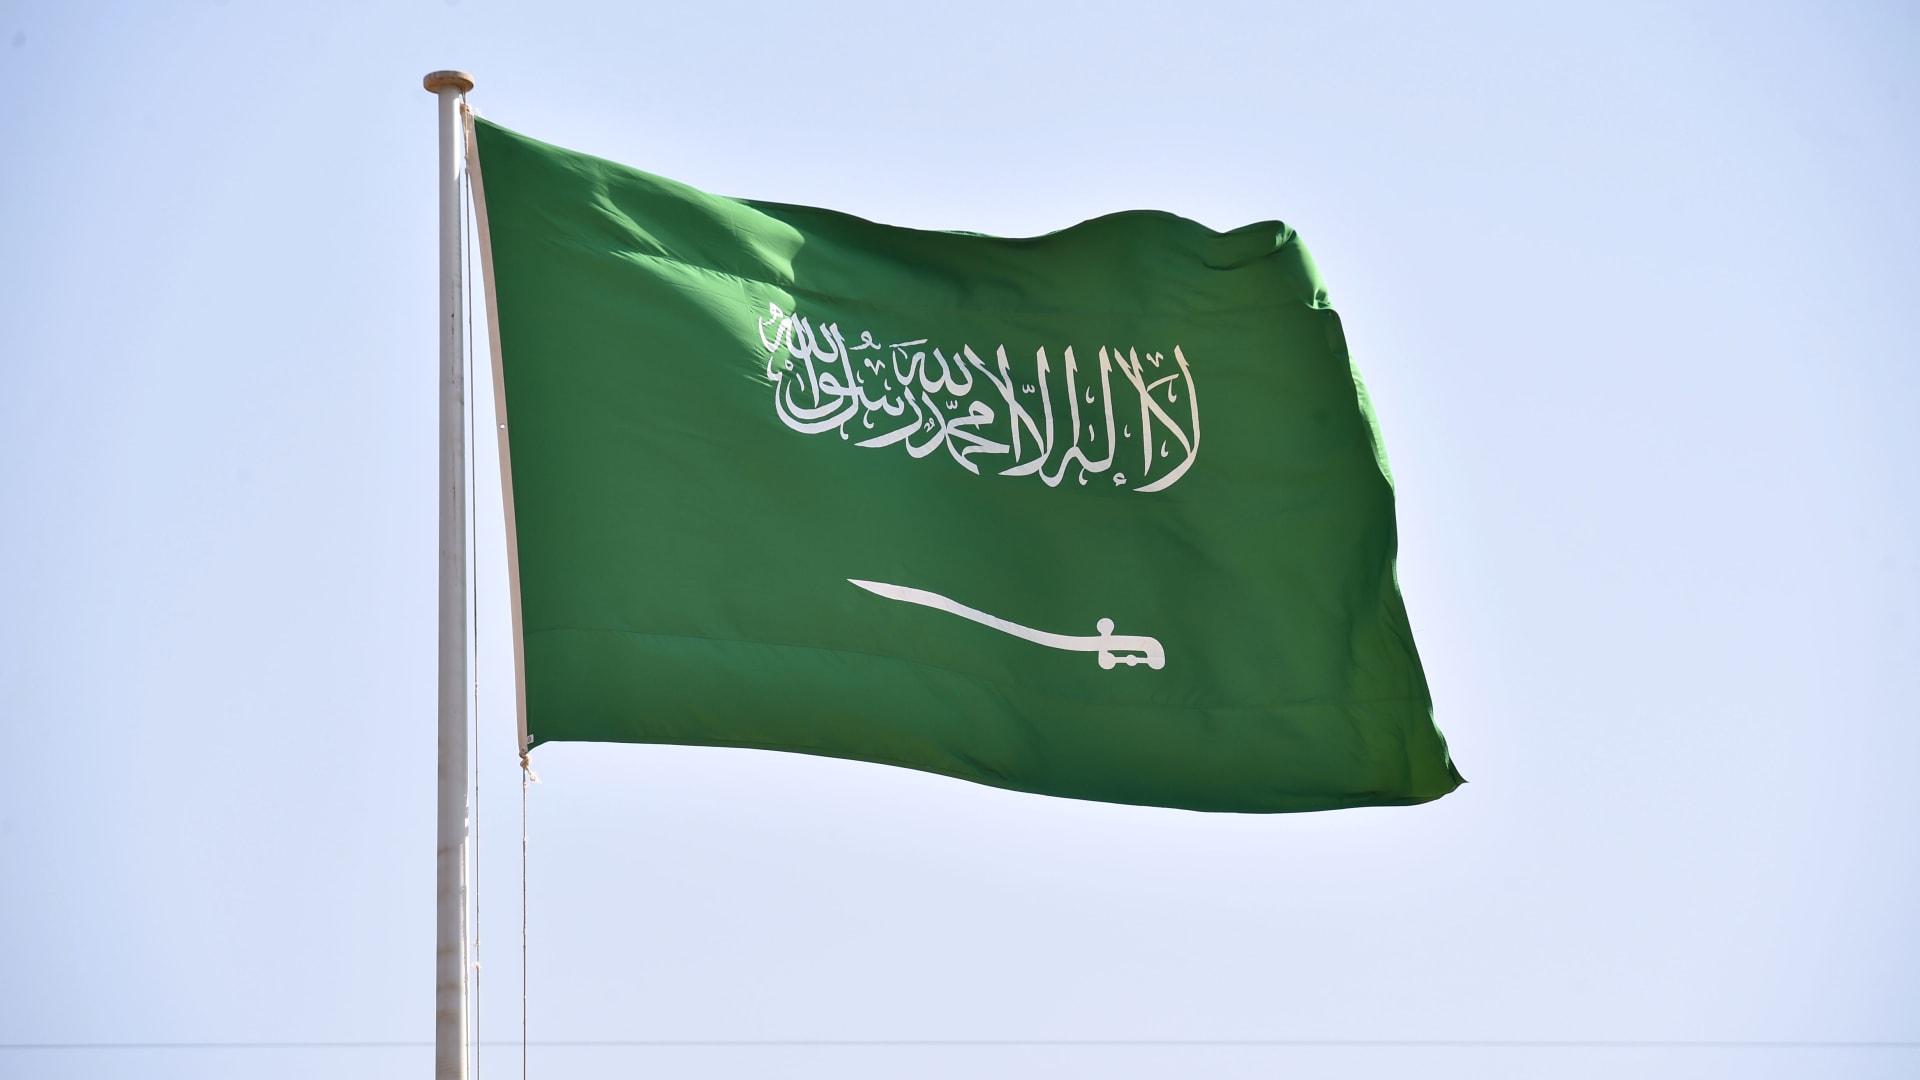 بعد تداول فيديو للواقعة.. الداخلية السعودية تعلن القبض على مواطن اعتدى على امرأة في حفر الباطن